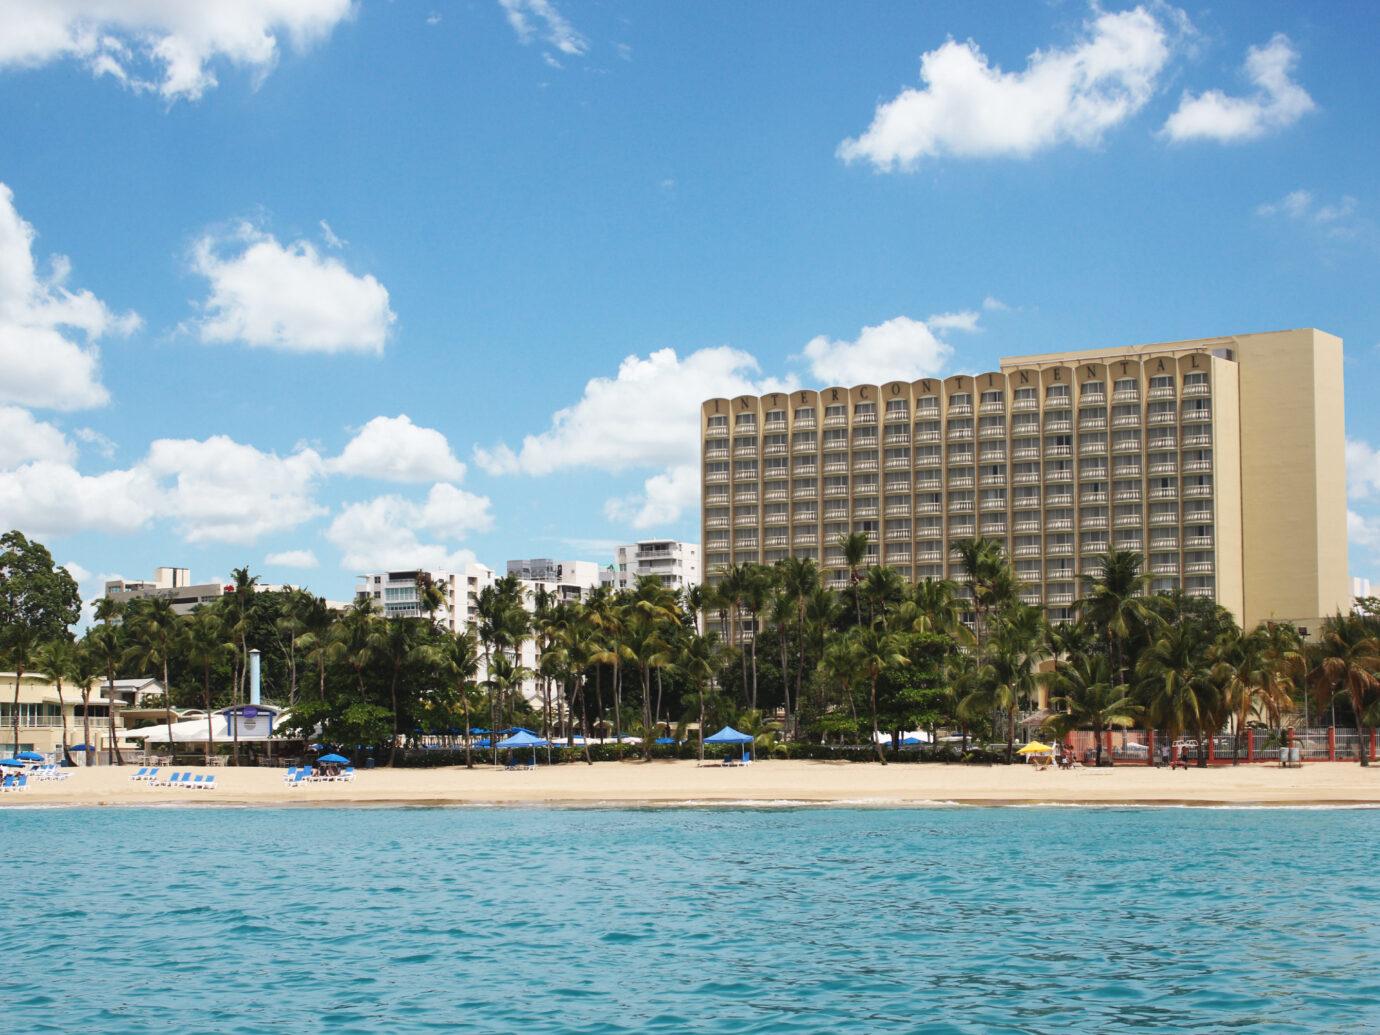 Exterior image of Intercontinental San Juan